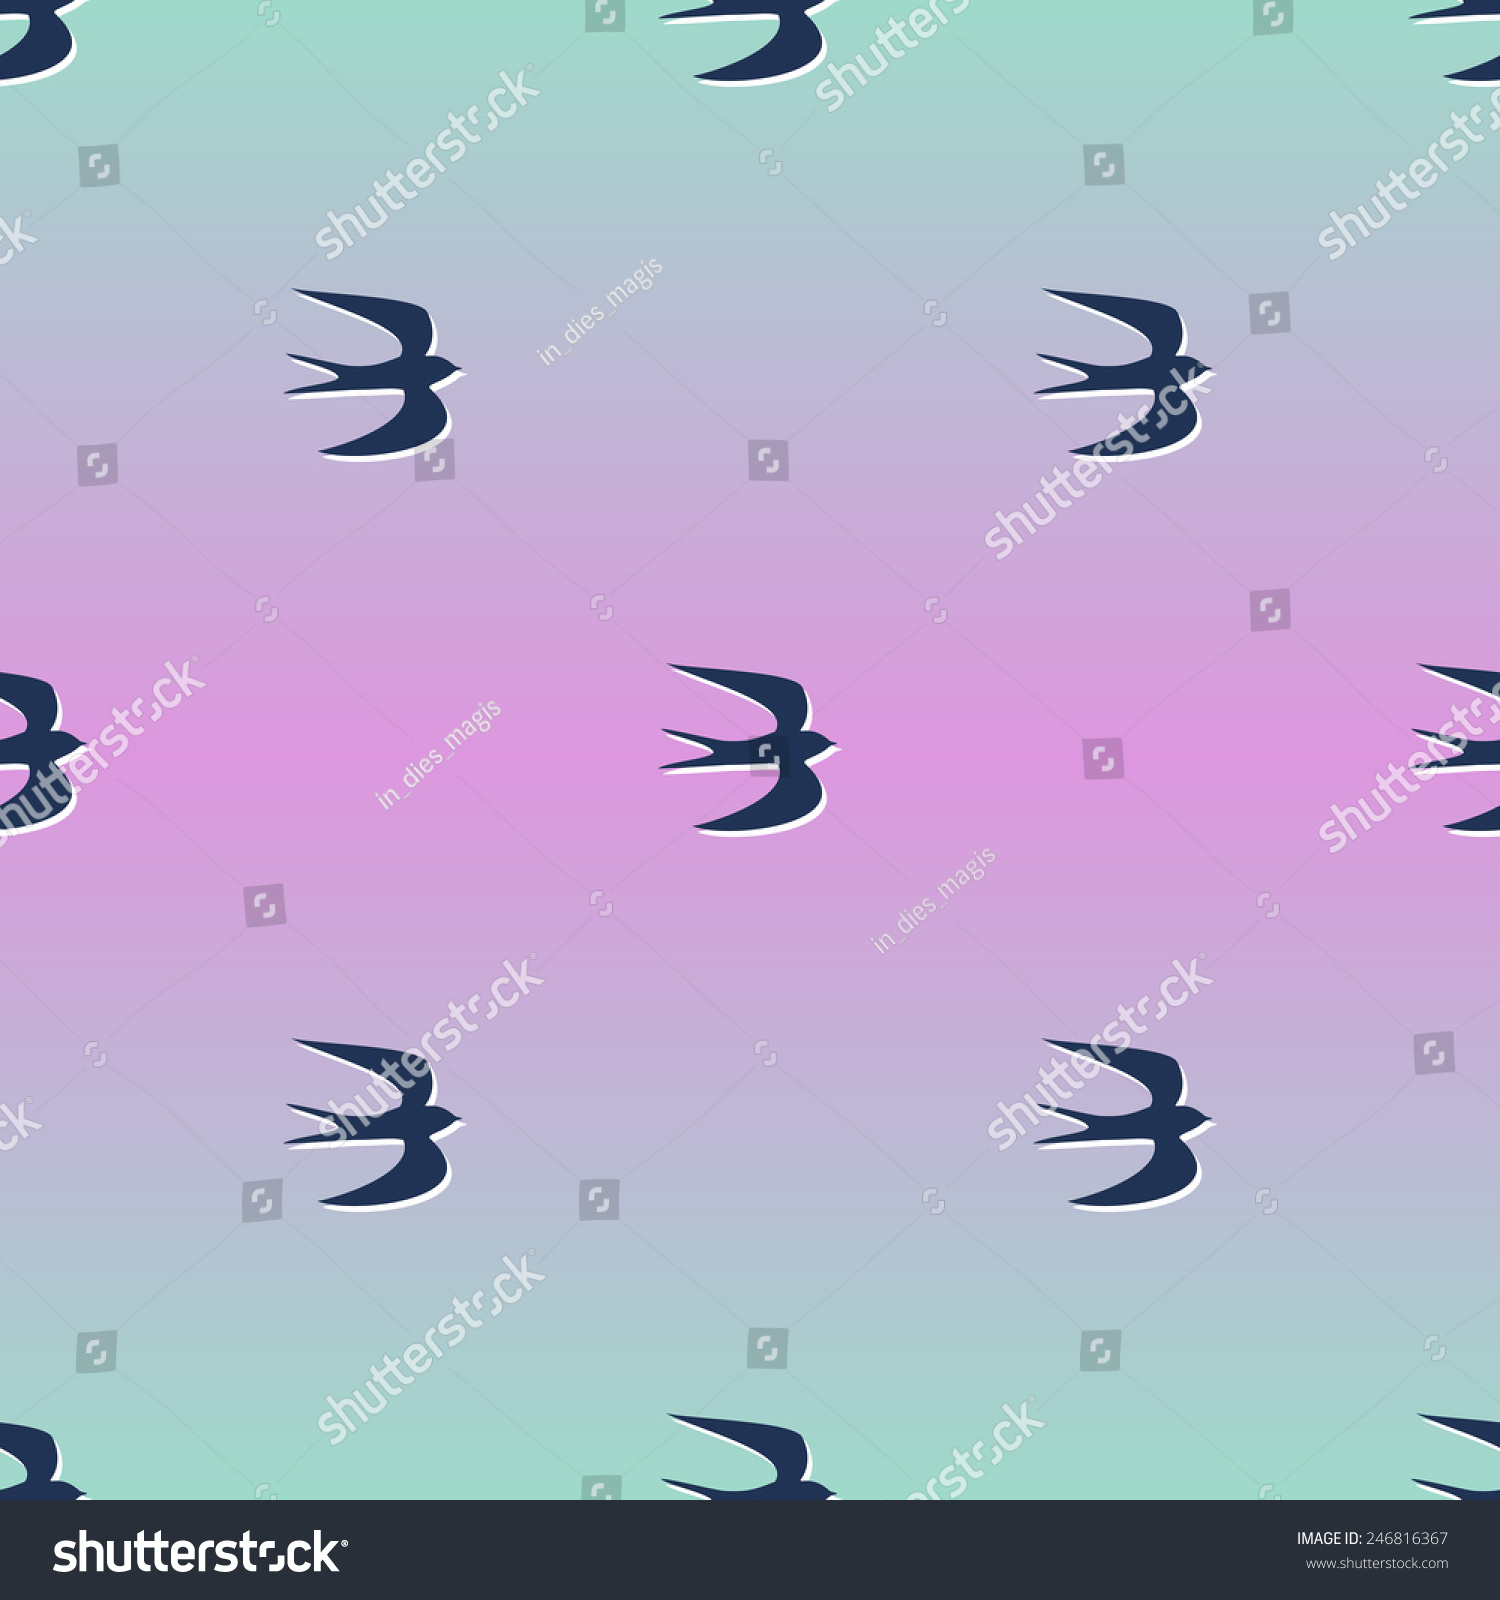 无缝模式与小燕子.文摘与飞鸟日出渐变背景